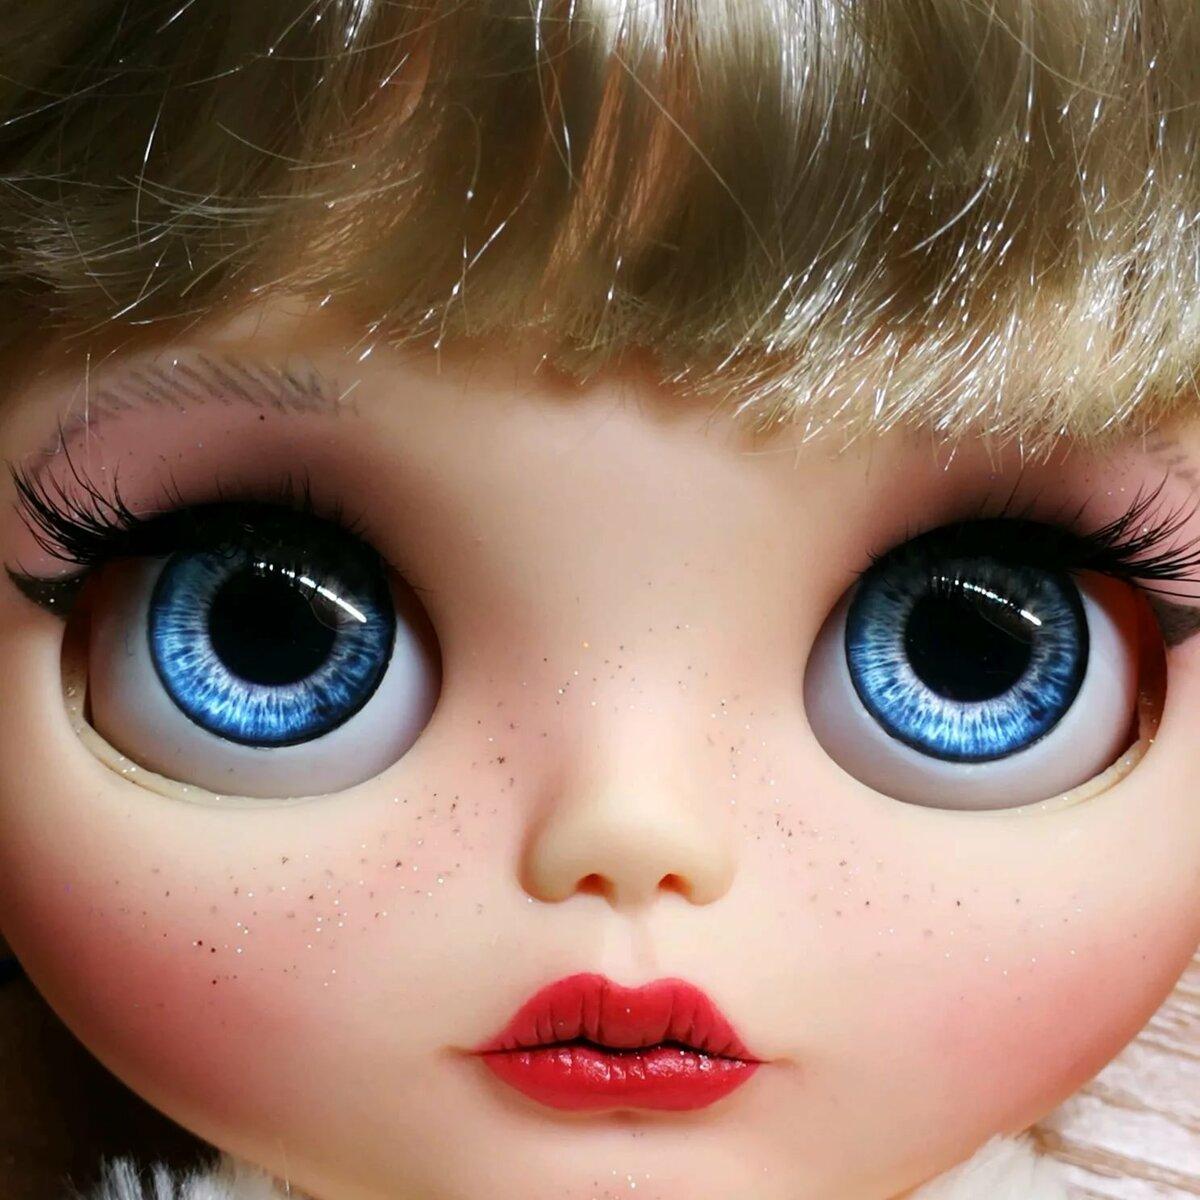 картинки только глаза кукол разным направлением полос